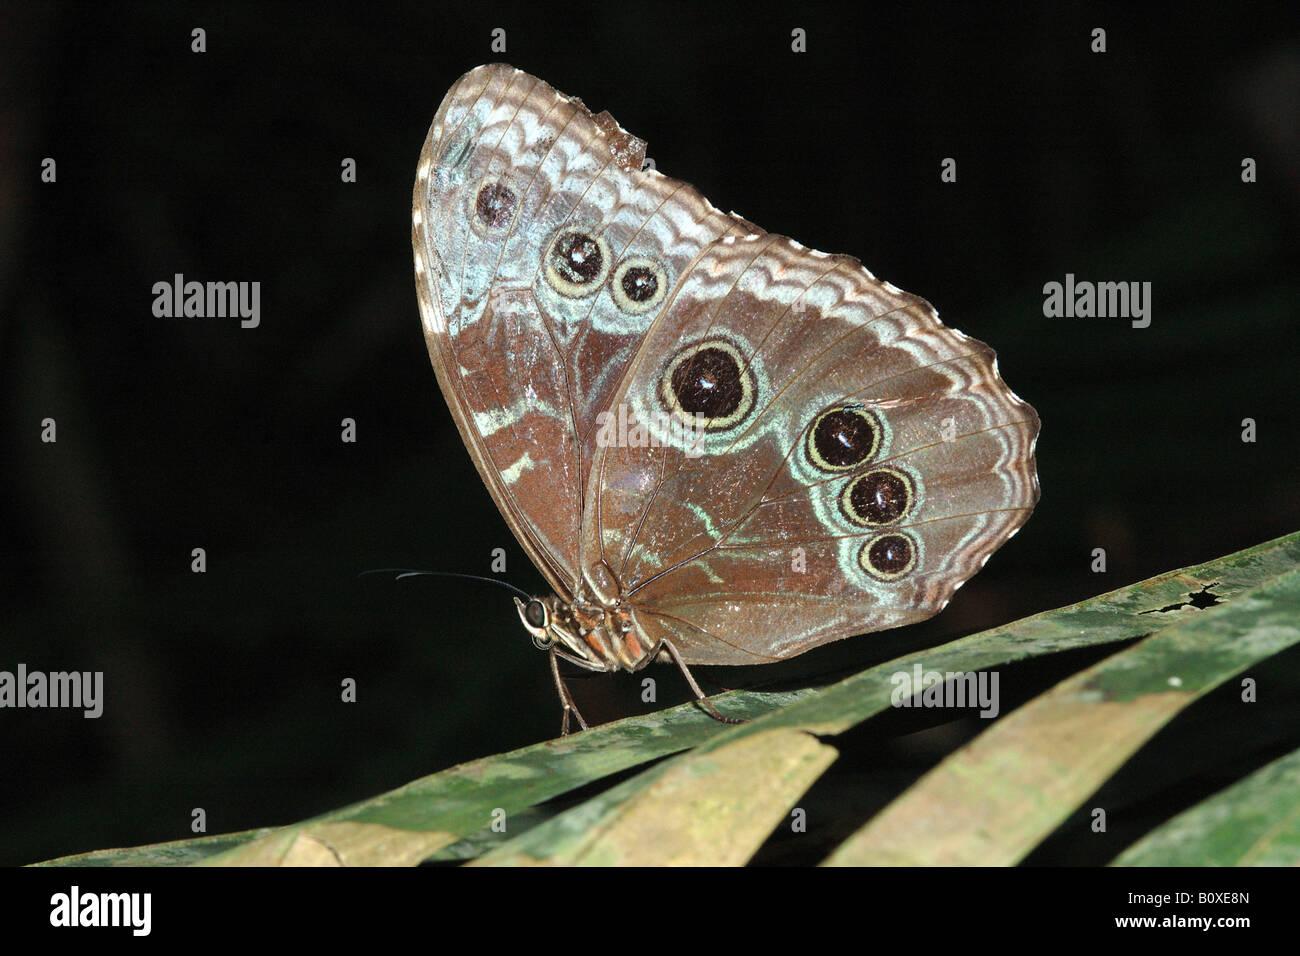 Farfalla tropicale farfalla farfalla tropicale insetti lepidotteri Costarica rain forest foresta pluviale foresta Immagini Stock